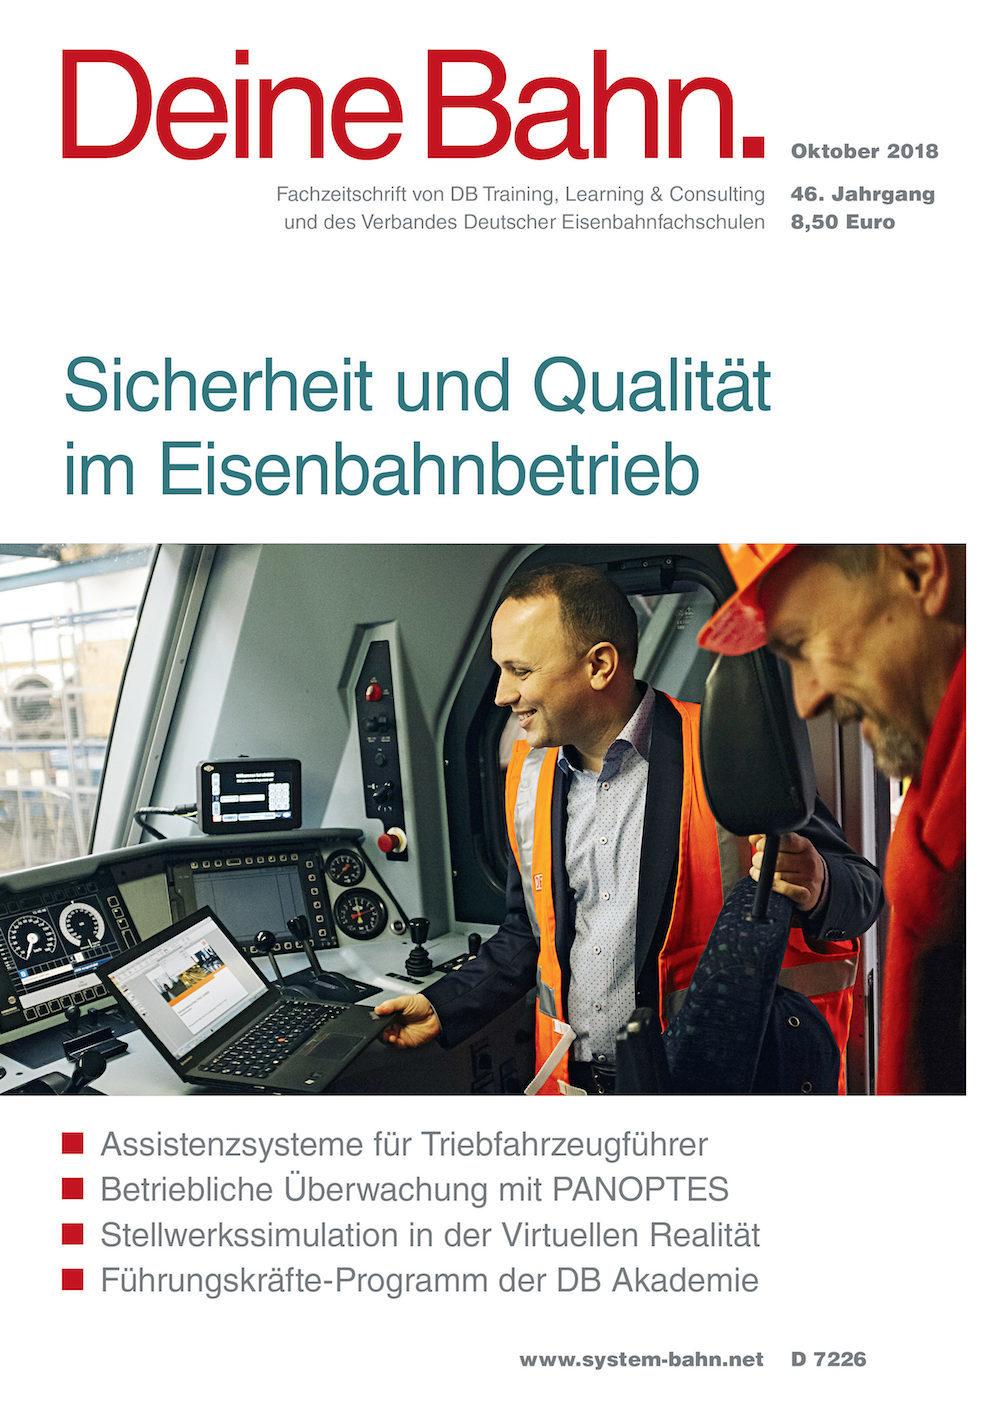 Fachzeitschrift Deine Bahn Oktober 2018 Umschlagmotiv